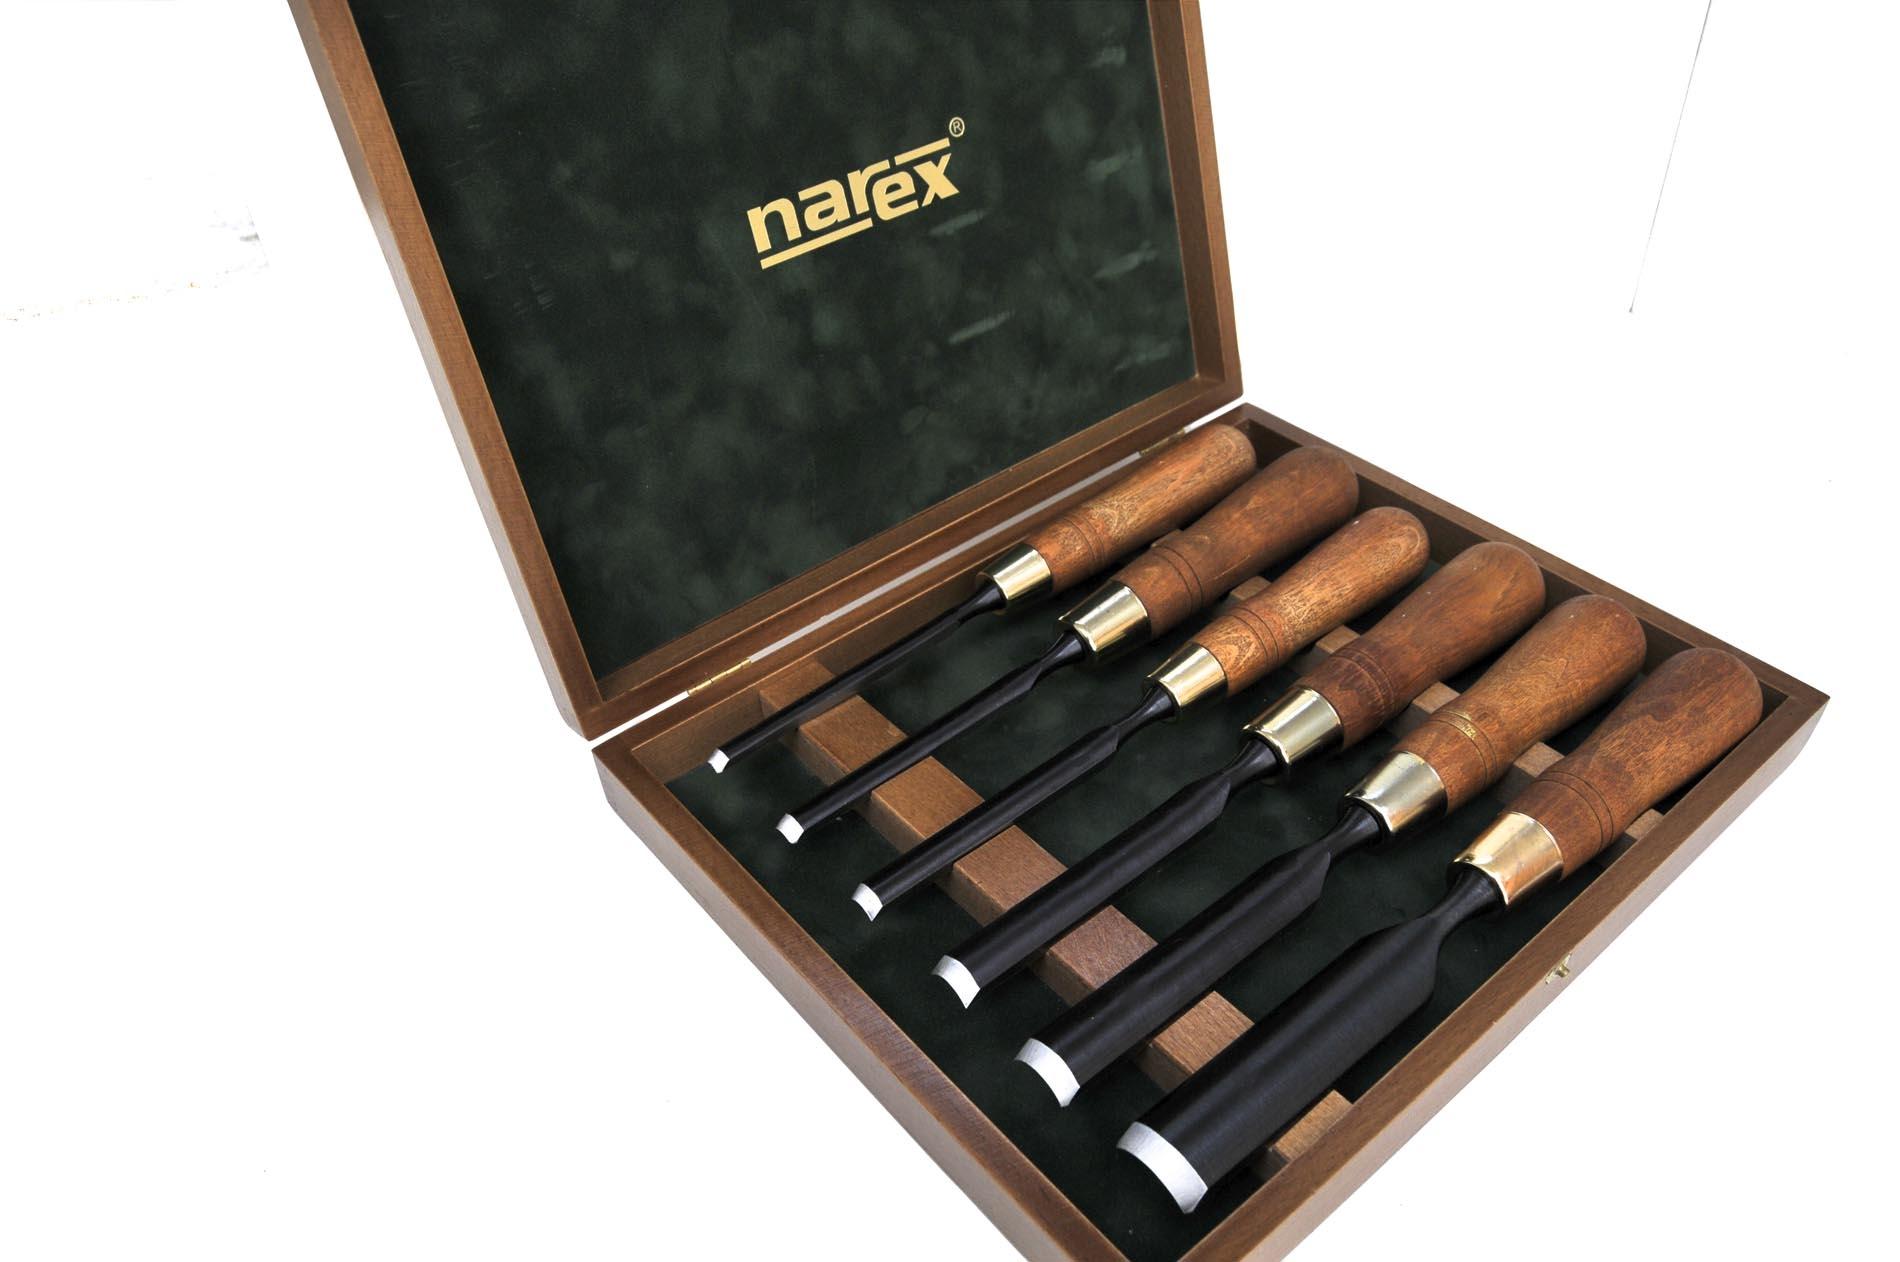 853300-Juego de gubias 6pz FUERTES en caja de madera NAREX 853300-max-5.